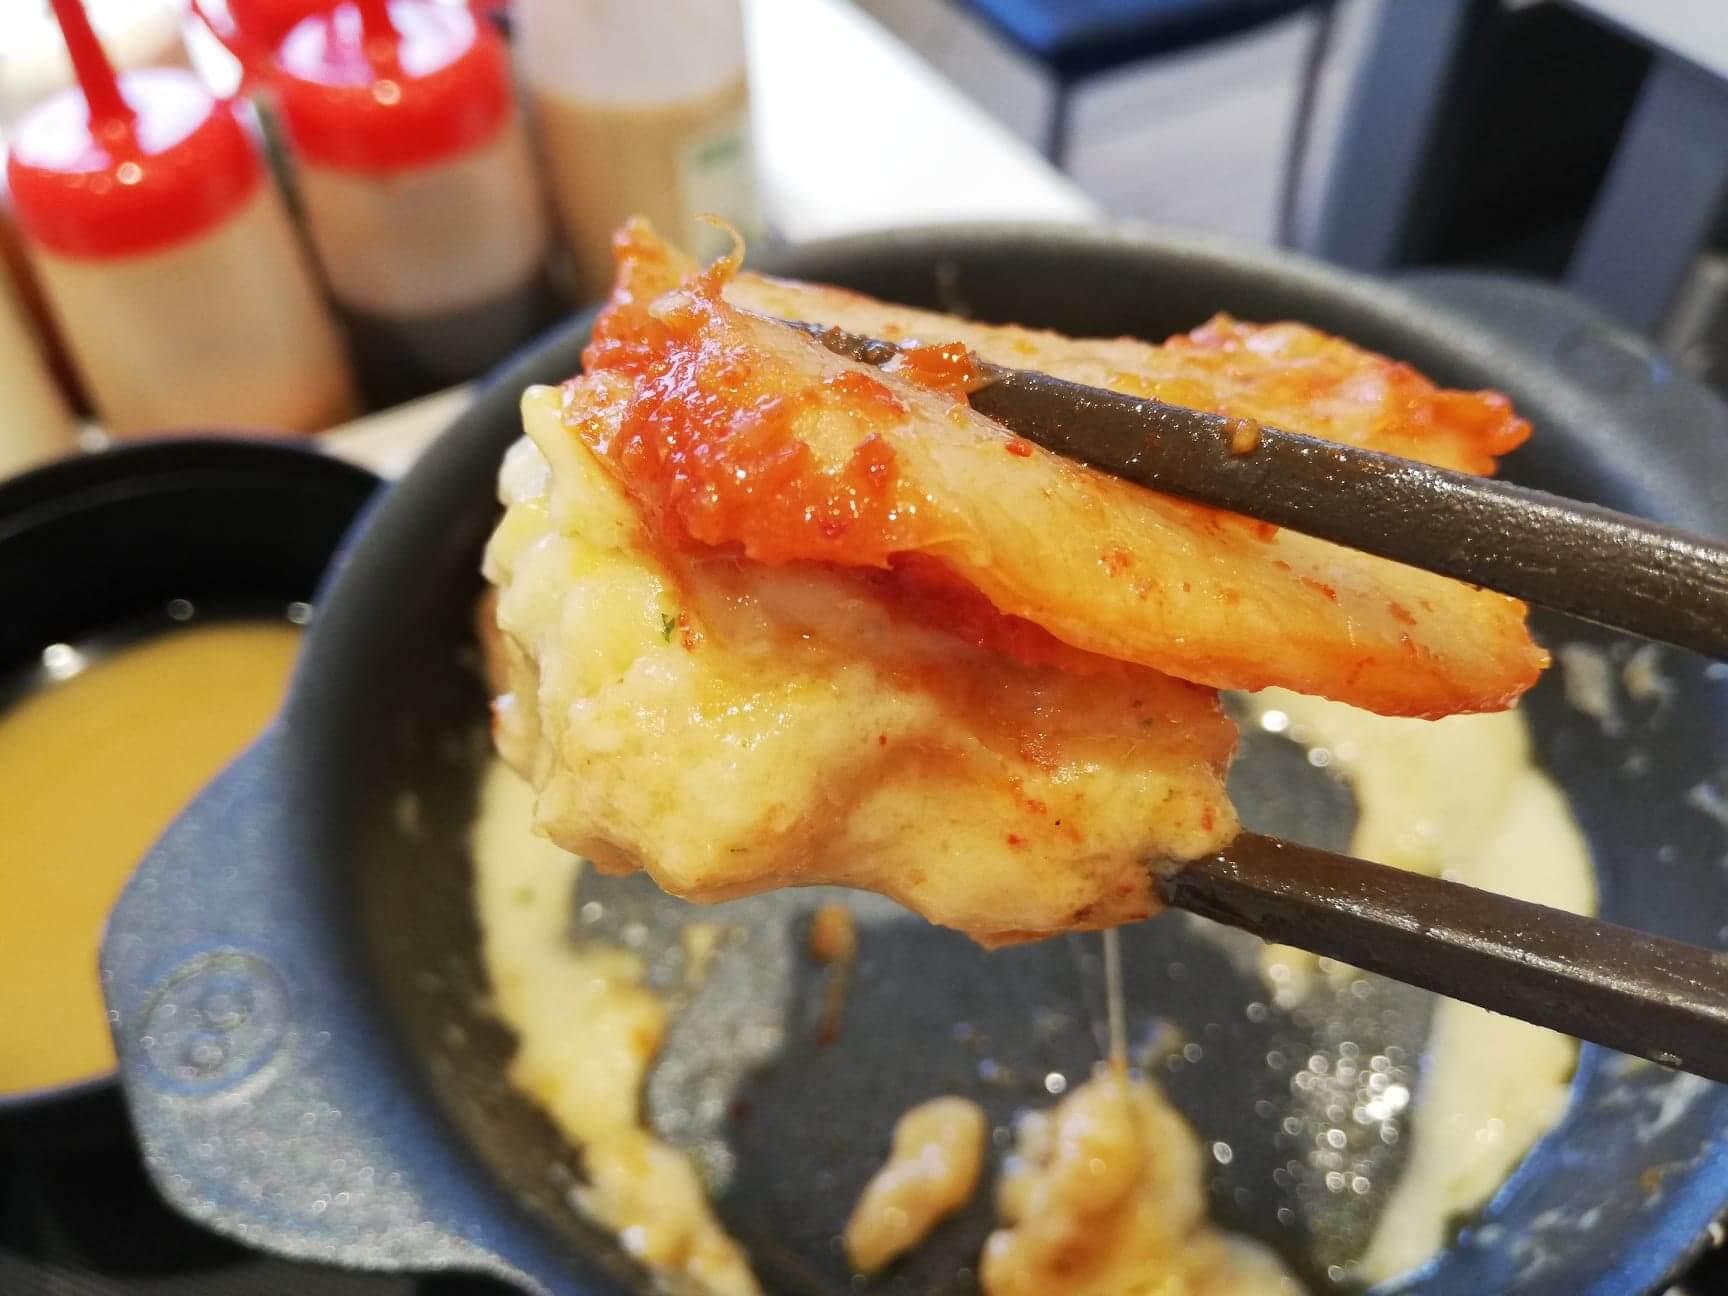 松屋『シュクメルリ鍋定食』のキムチと鶏肉の写真